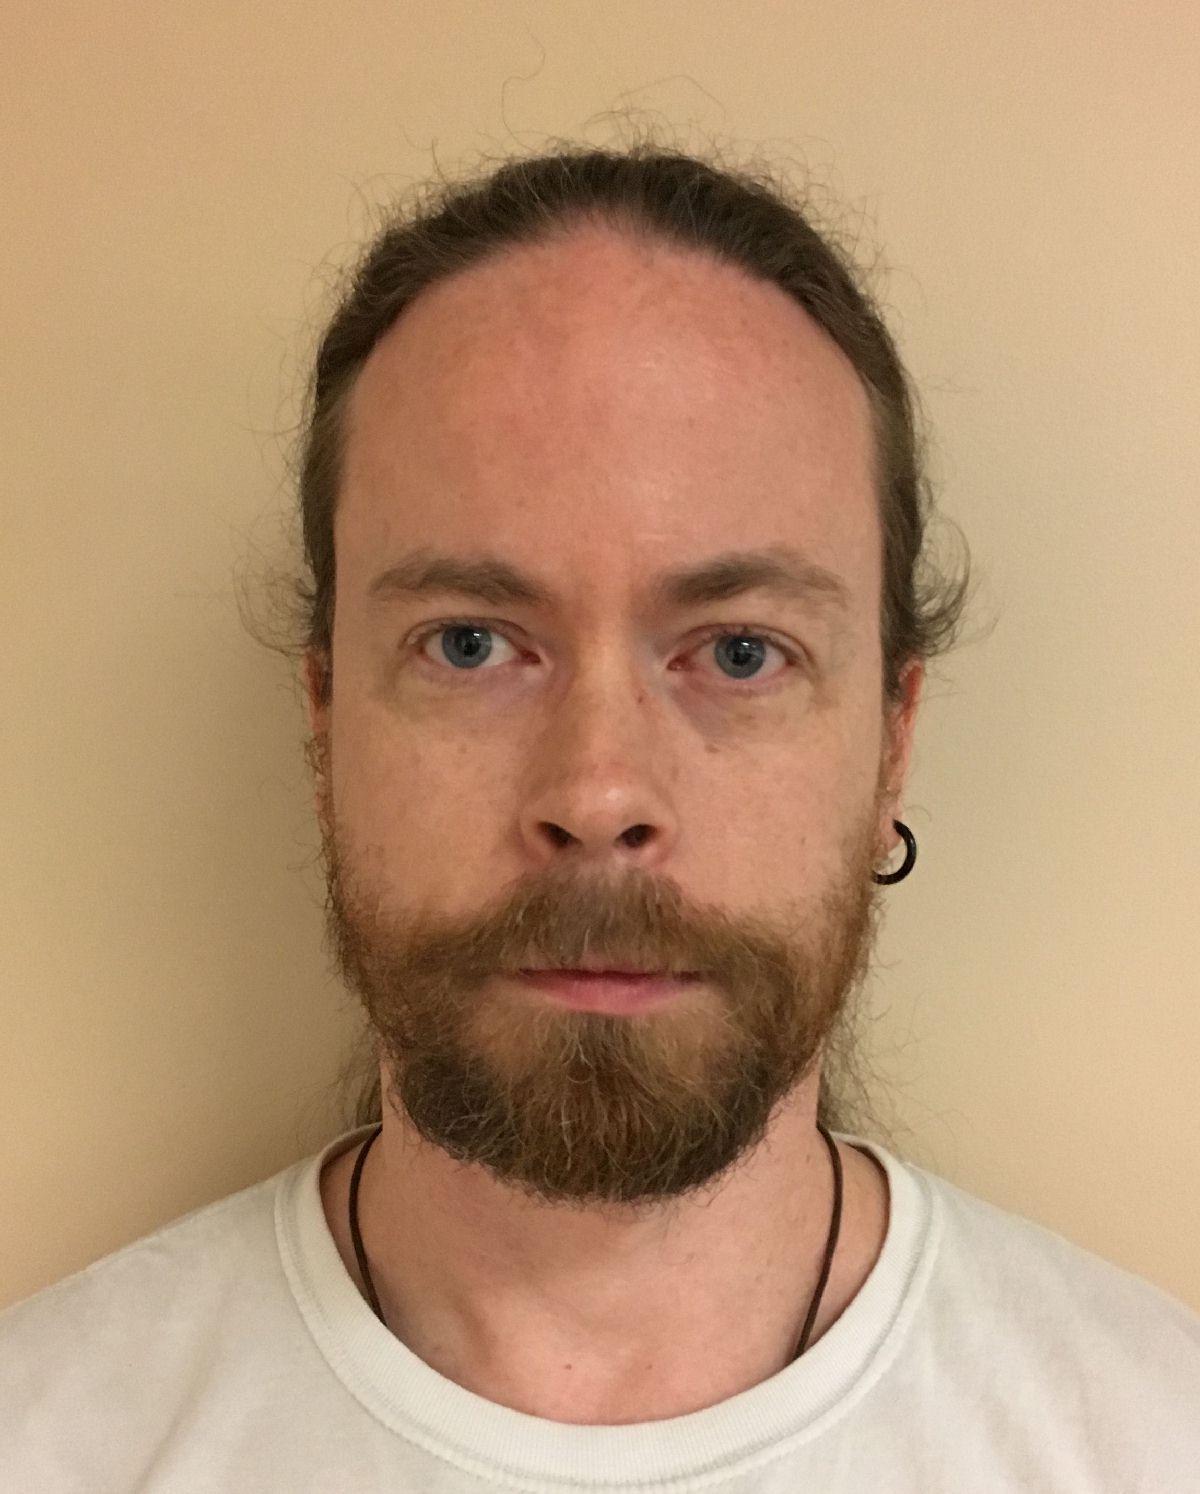 Orange county sex offender list